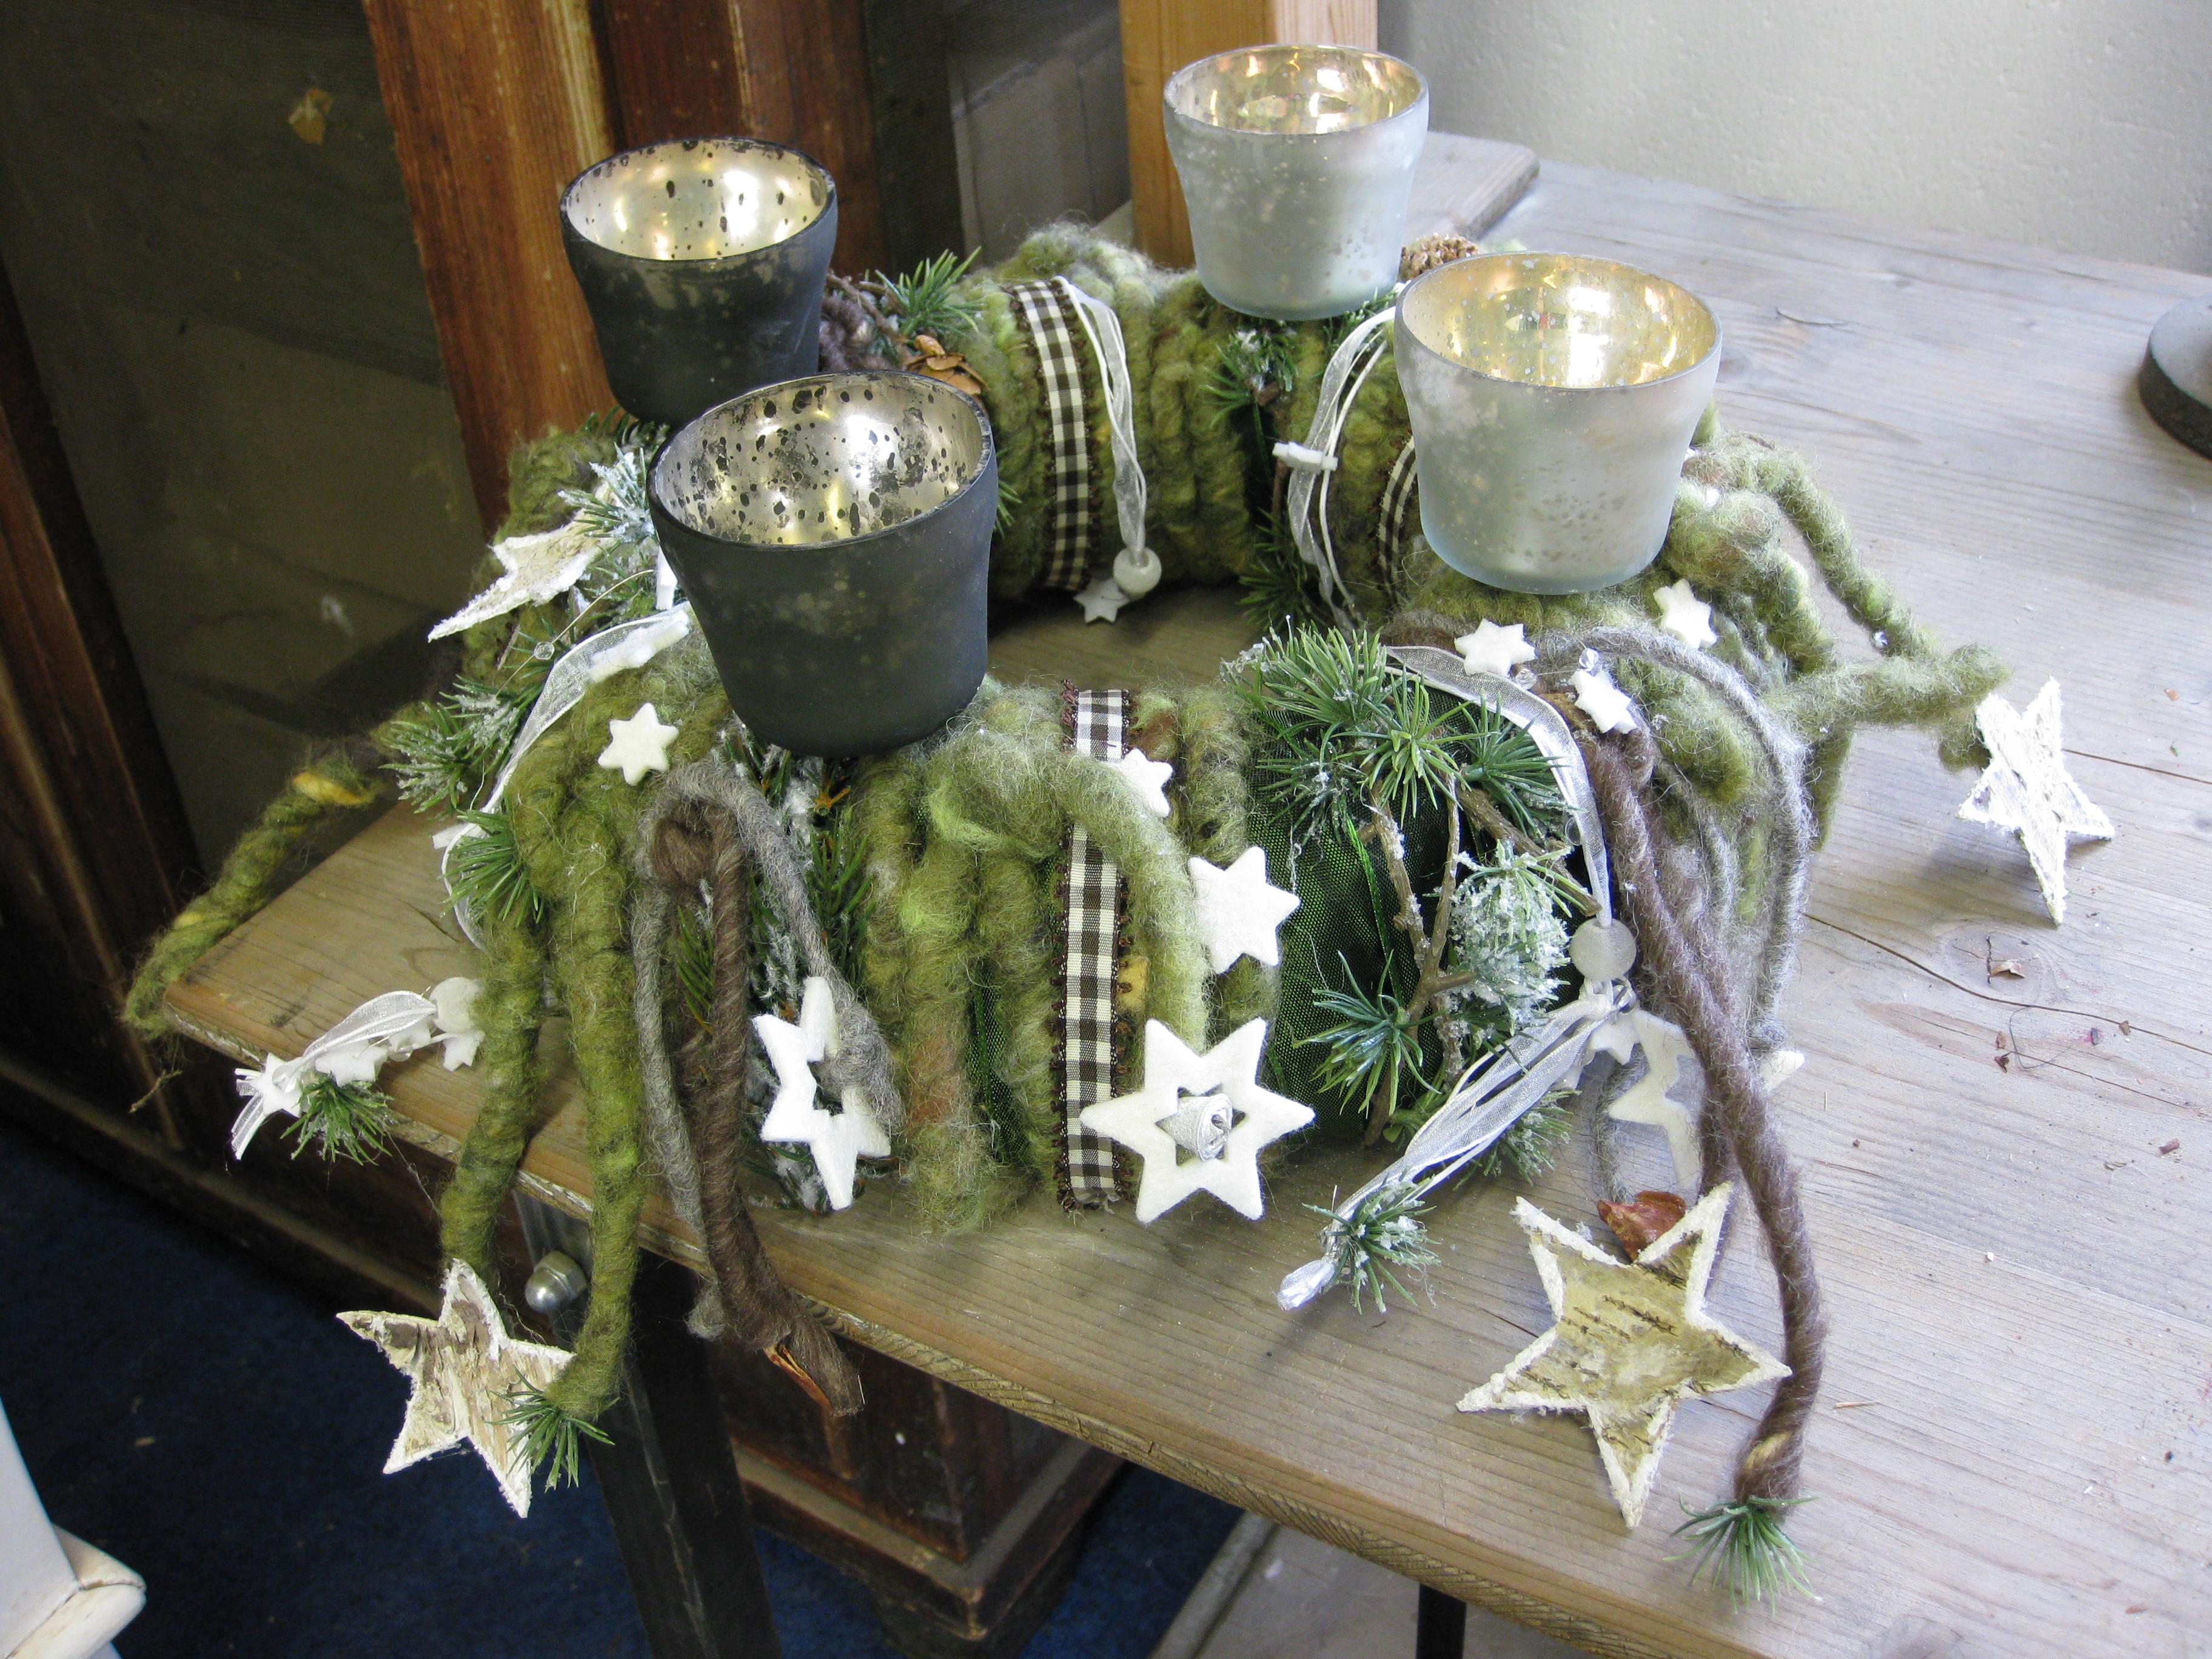 Garantierte neukundengewinnung kostenloser vortrag fdf for Weihnachtstrends 2016 floristik